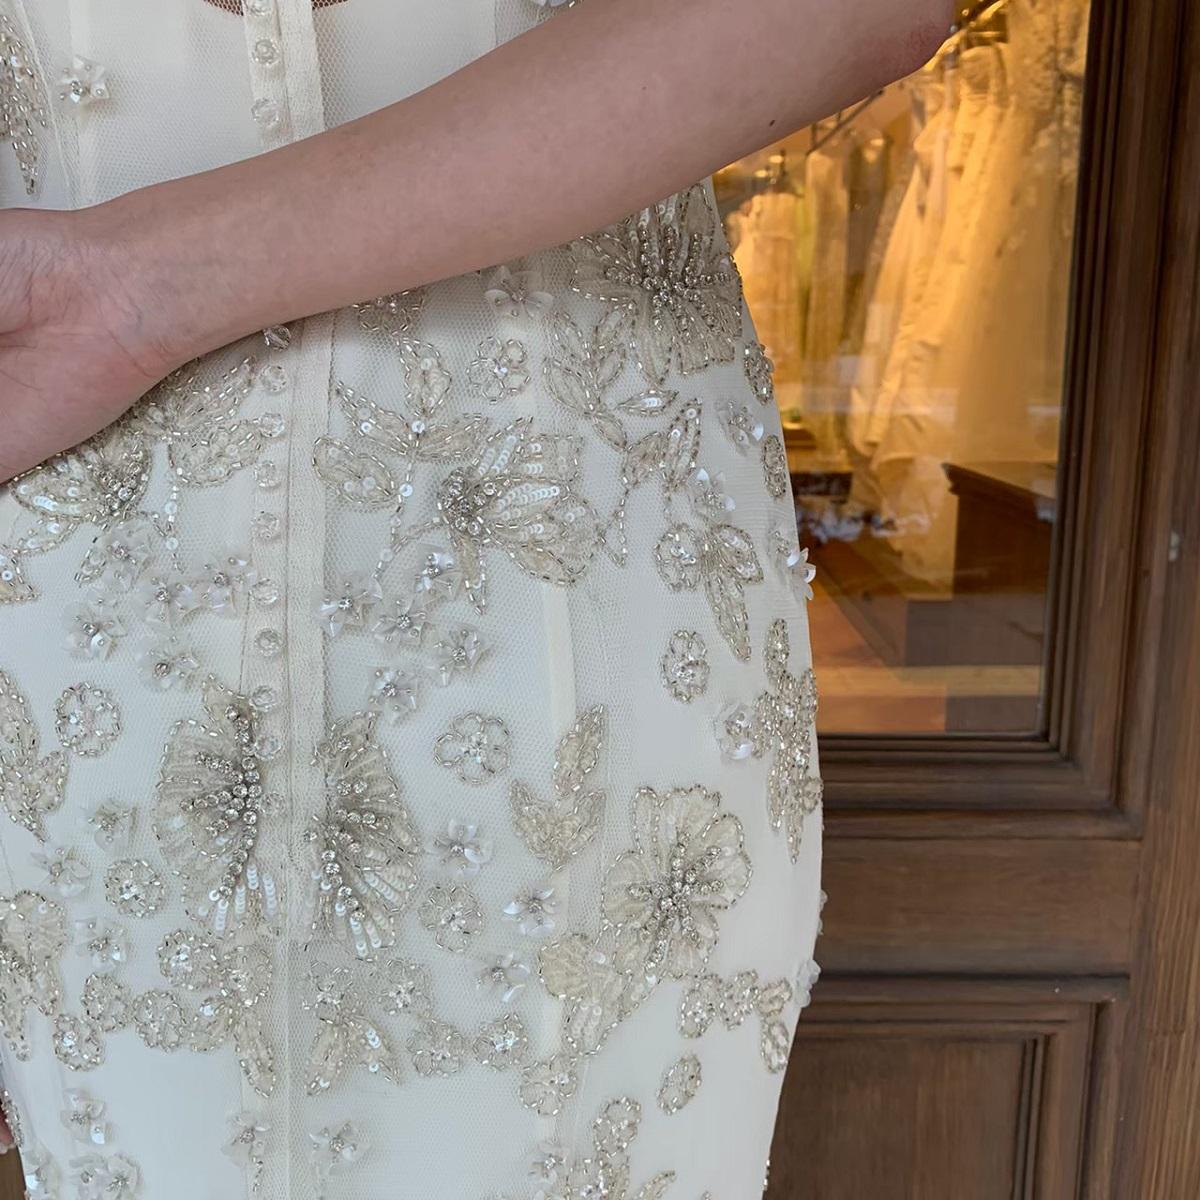 なめらかな生地にビーディングが煌めくスレンダーのAラインのウエディングドレスは、ウィズザスタイルでのラグジュアリーな結婚式に人気